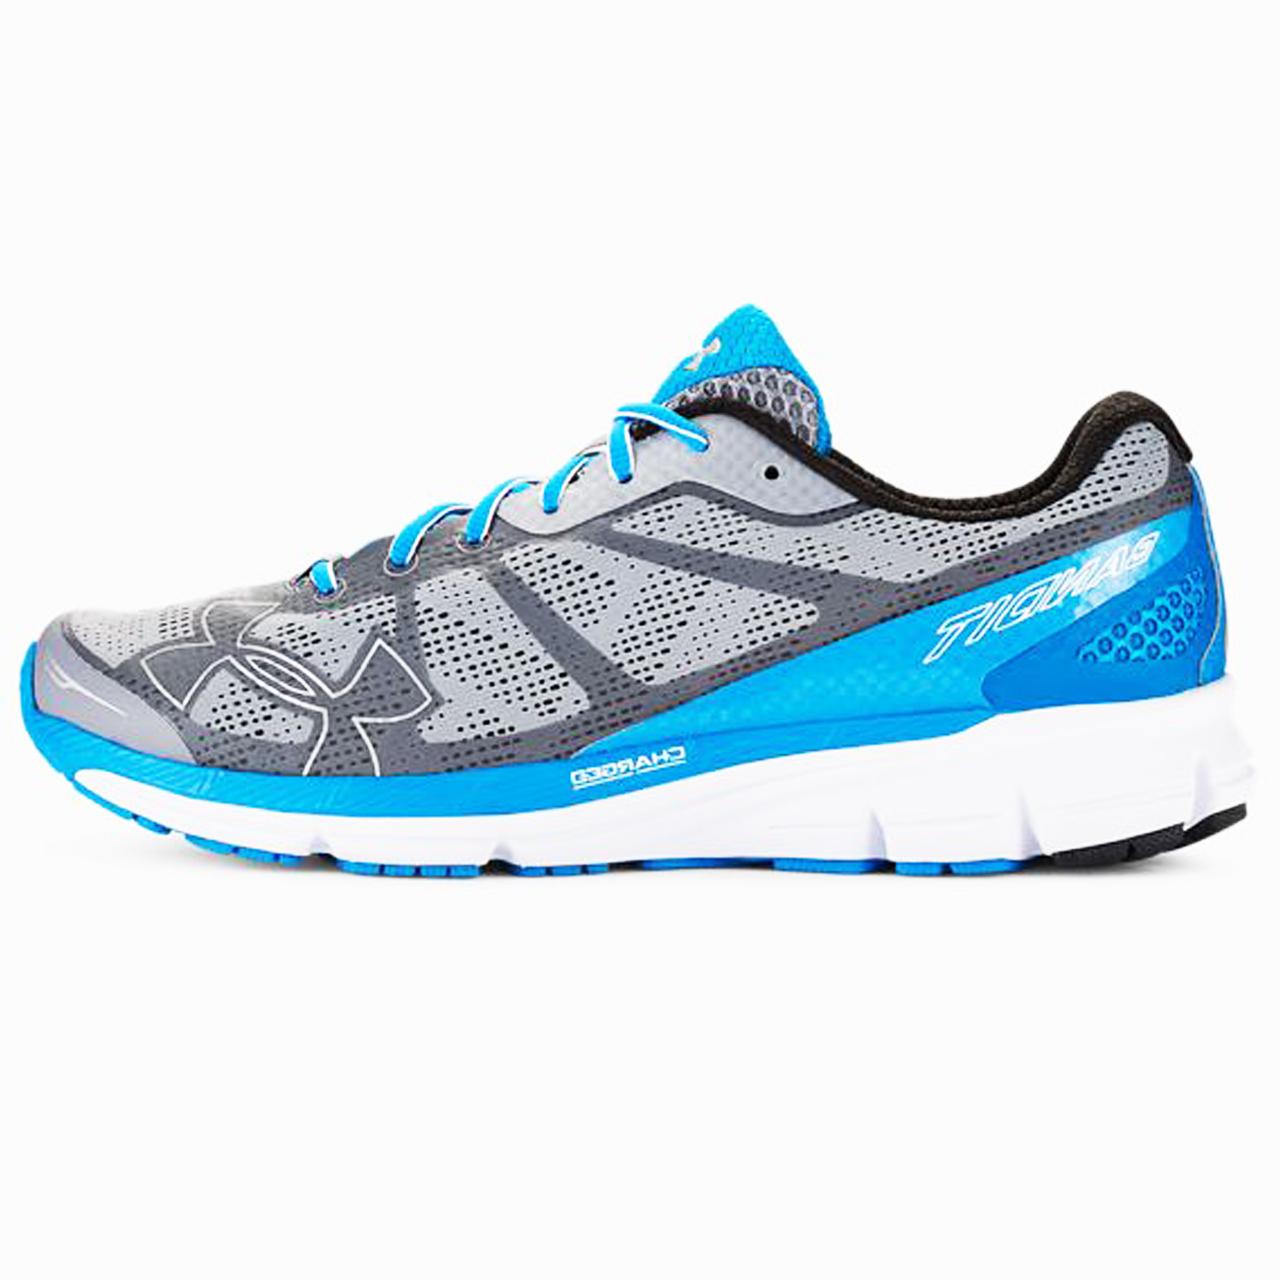 قیمت کفش ورزشی مخصوص دویدن و پیاده روی مردانه آندر ارمور مدل Charged Bandit کد 125Q